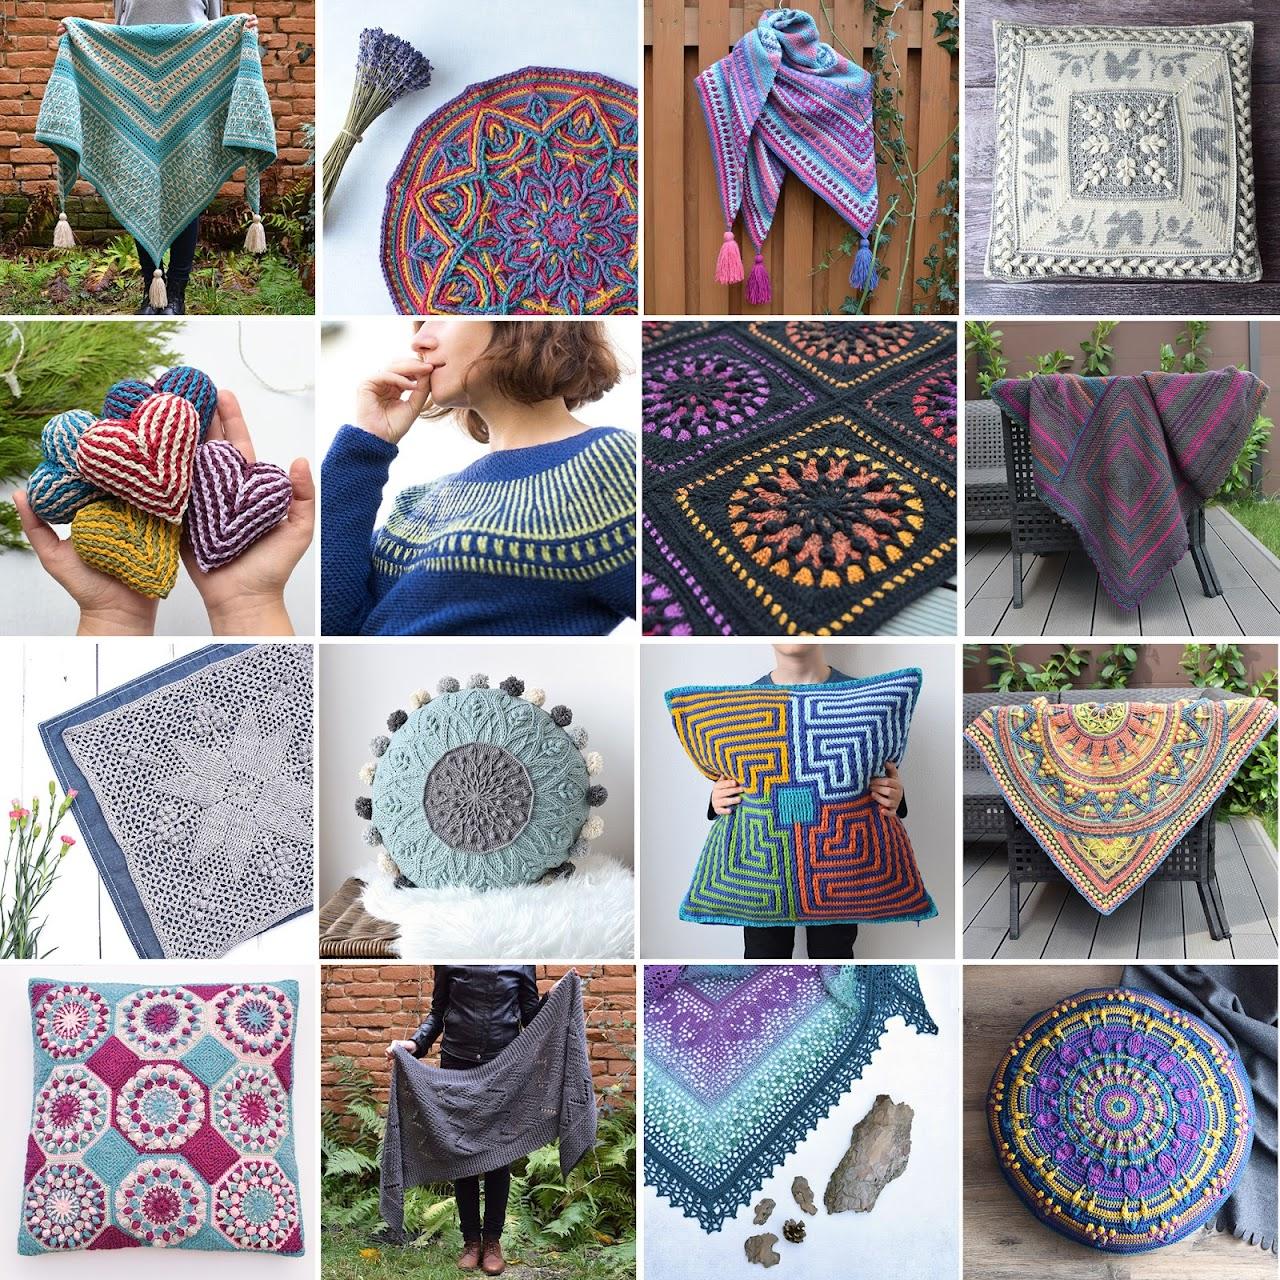 Crochet patterns 2018 by www.lillabjorncrochet.com